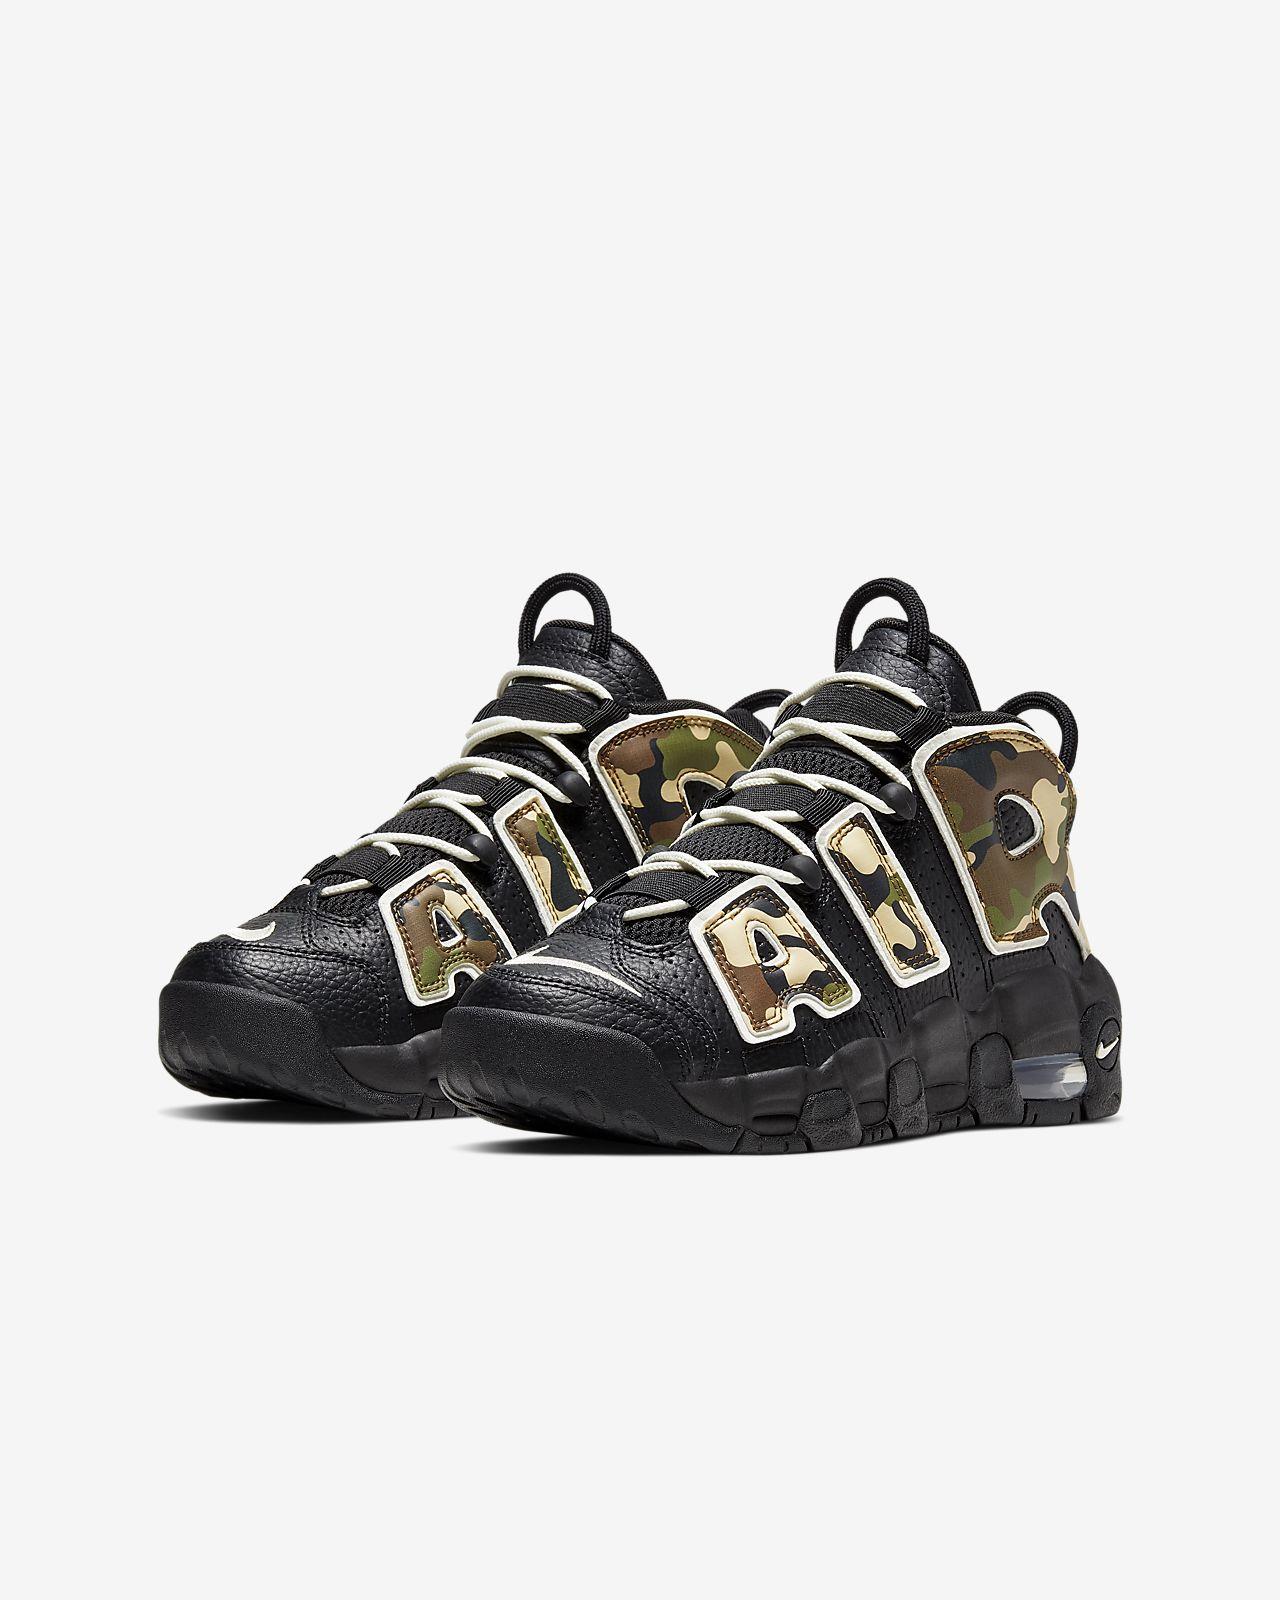 Nike Air More Uptempo QS Big Kids' Shoe